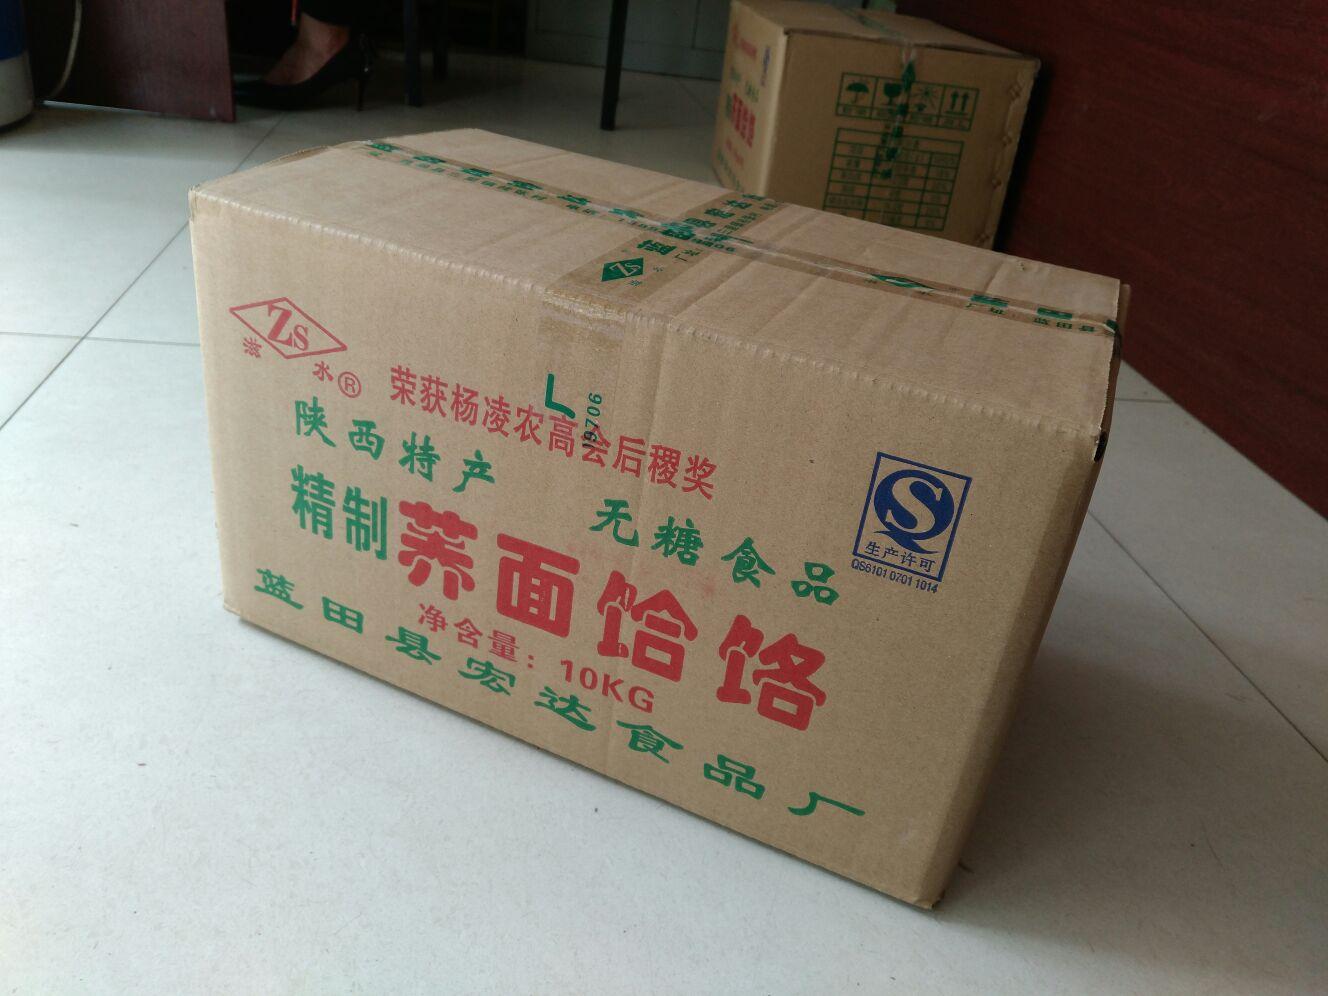 包邮饭店专用 10Kg 陕西蓝田滋水散装荞面荞麦荞麦面整箱